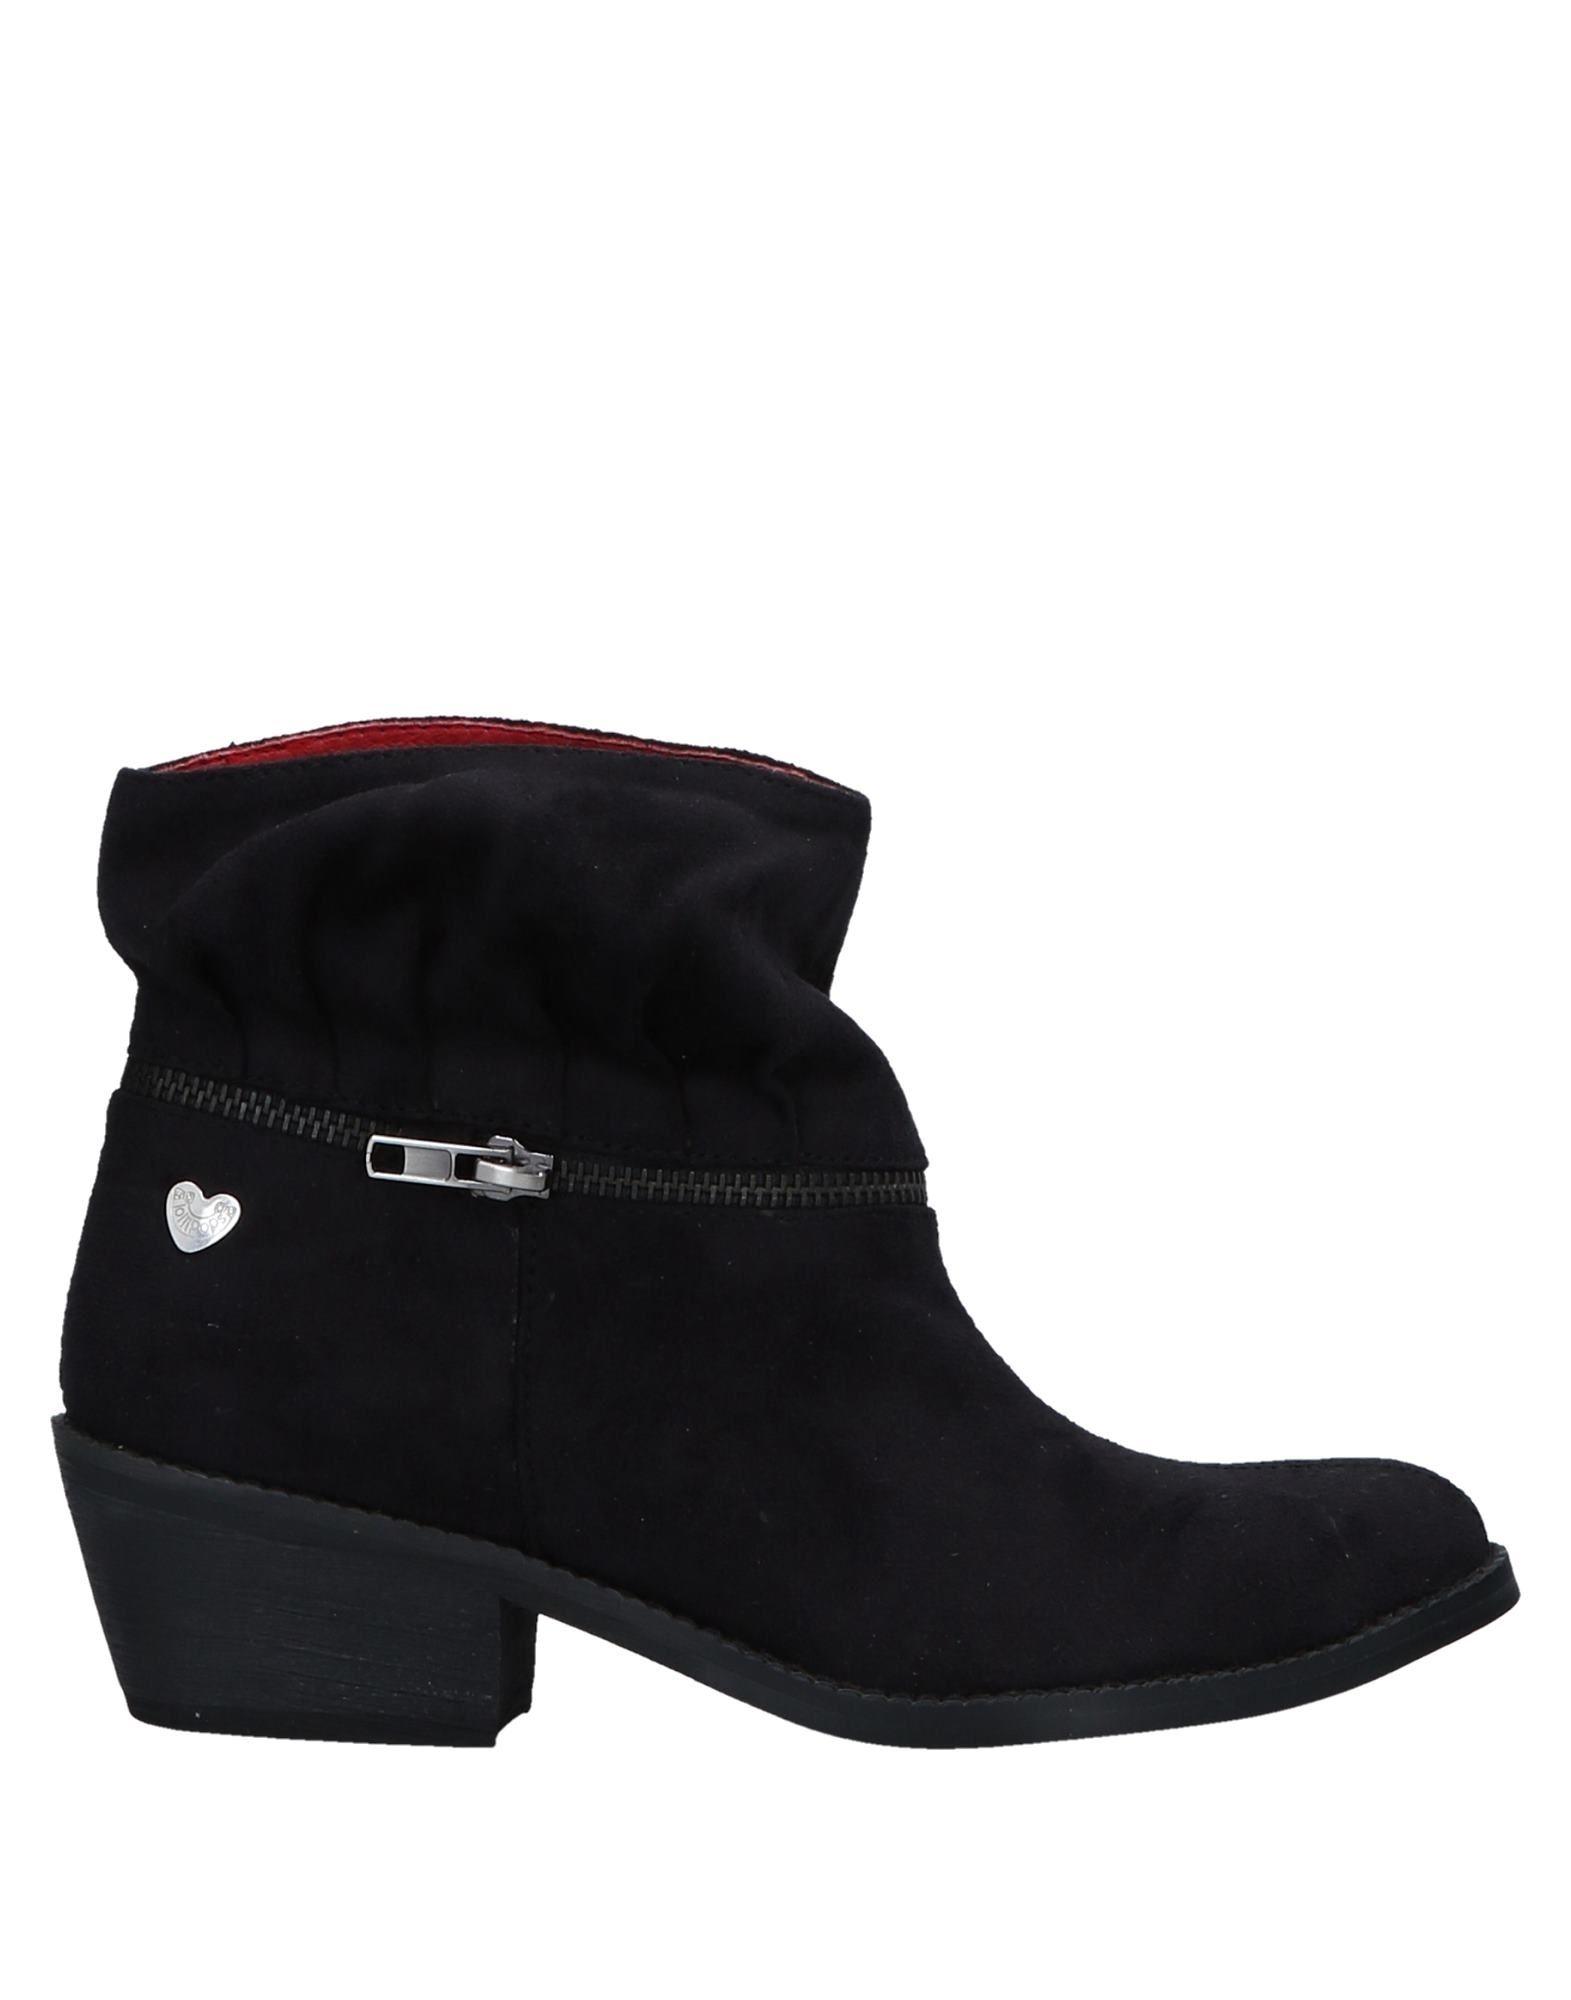 Lollipops Stiefelette Damen  11539120TF Gute Qualität beliebte Schuhe